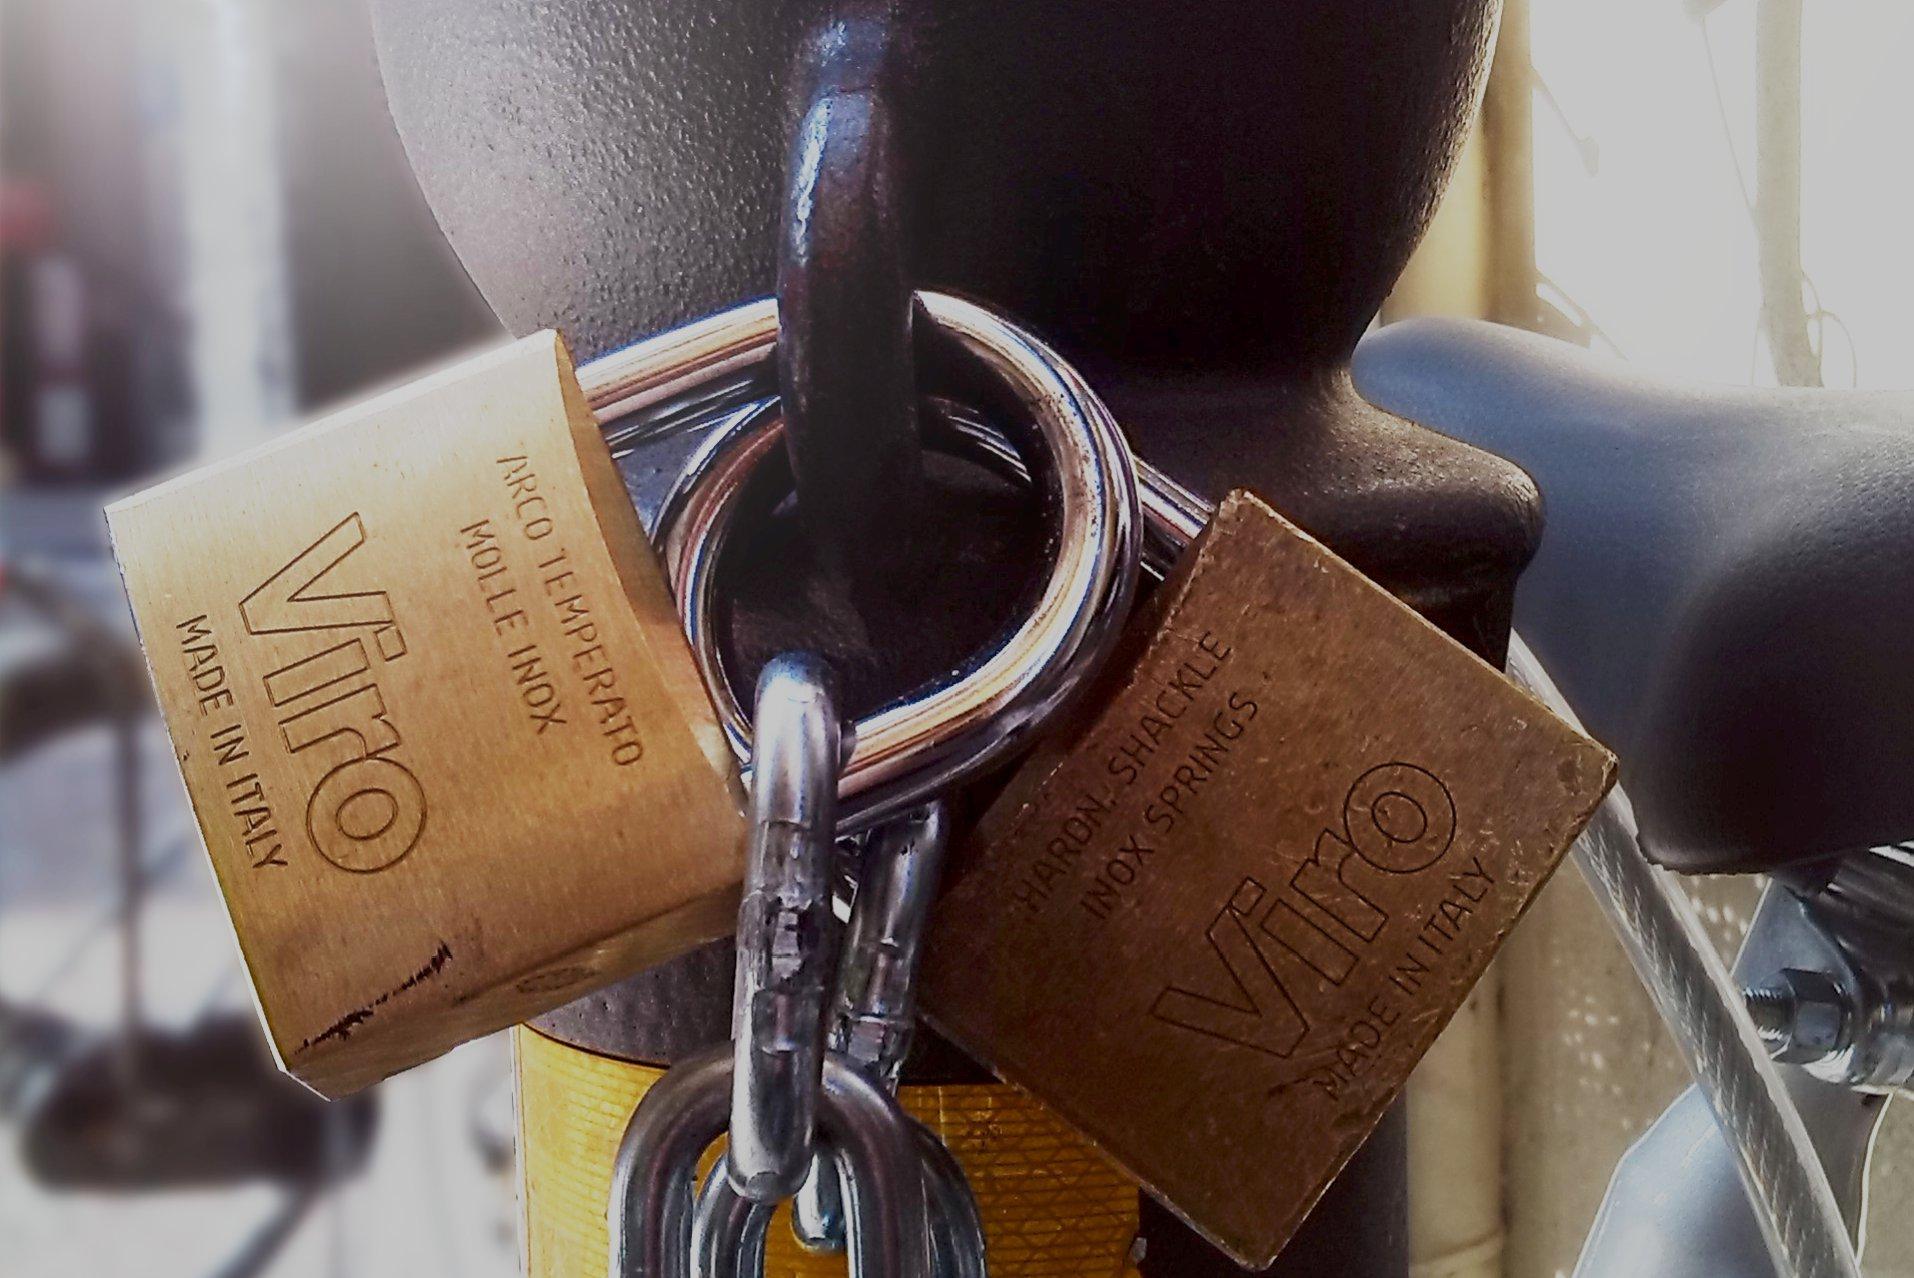 Lucchetti lucchetti riconoscere un lucchetto di qualit for Club sicurezza viro